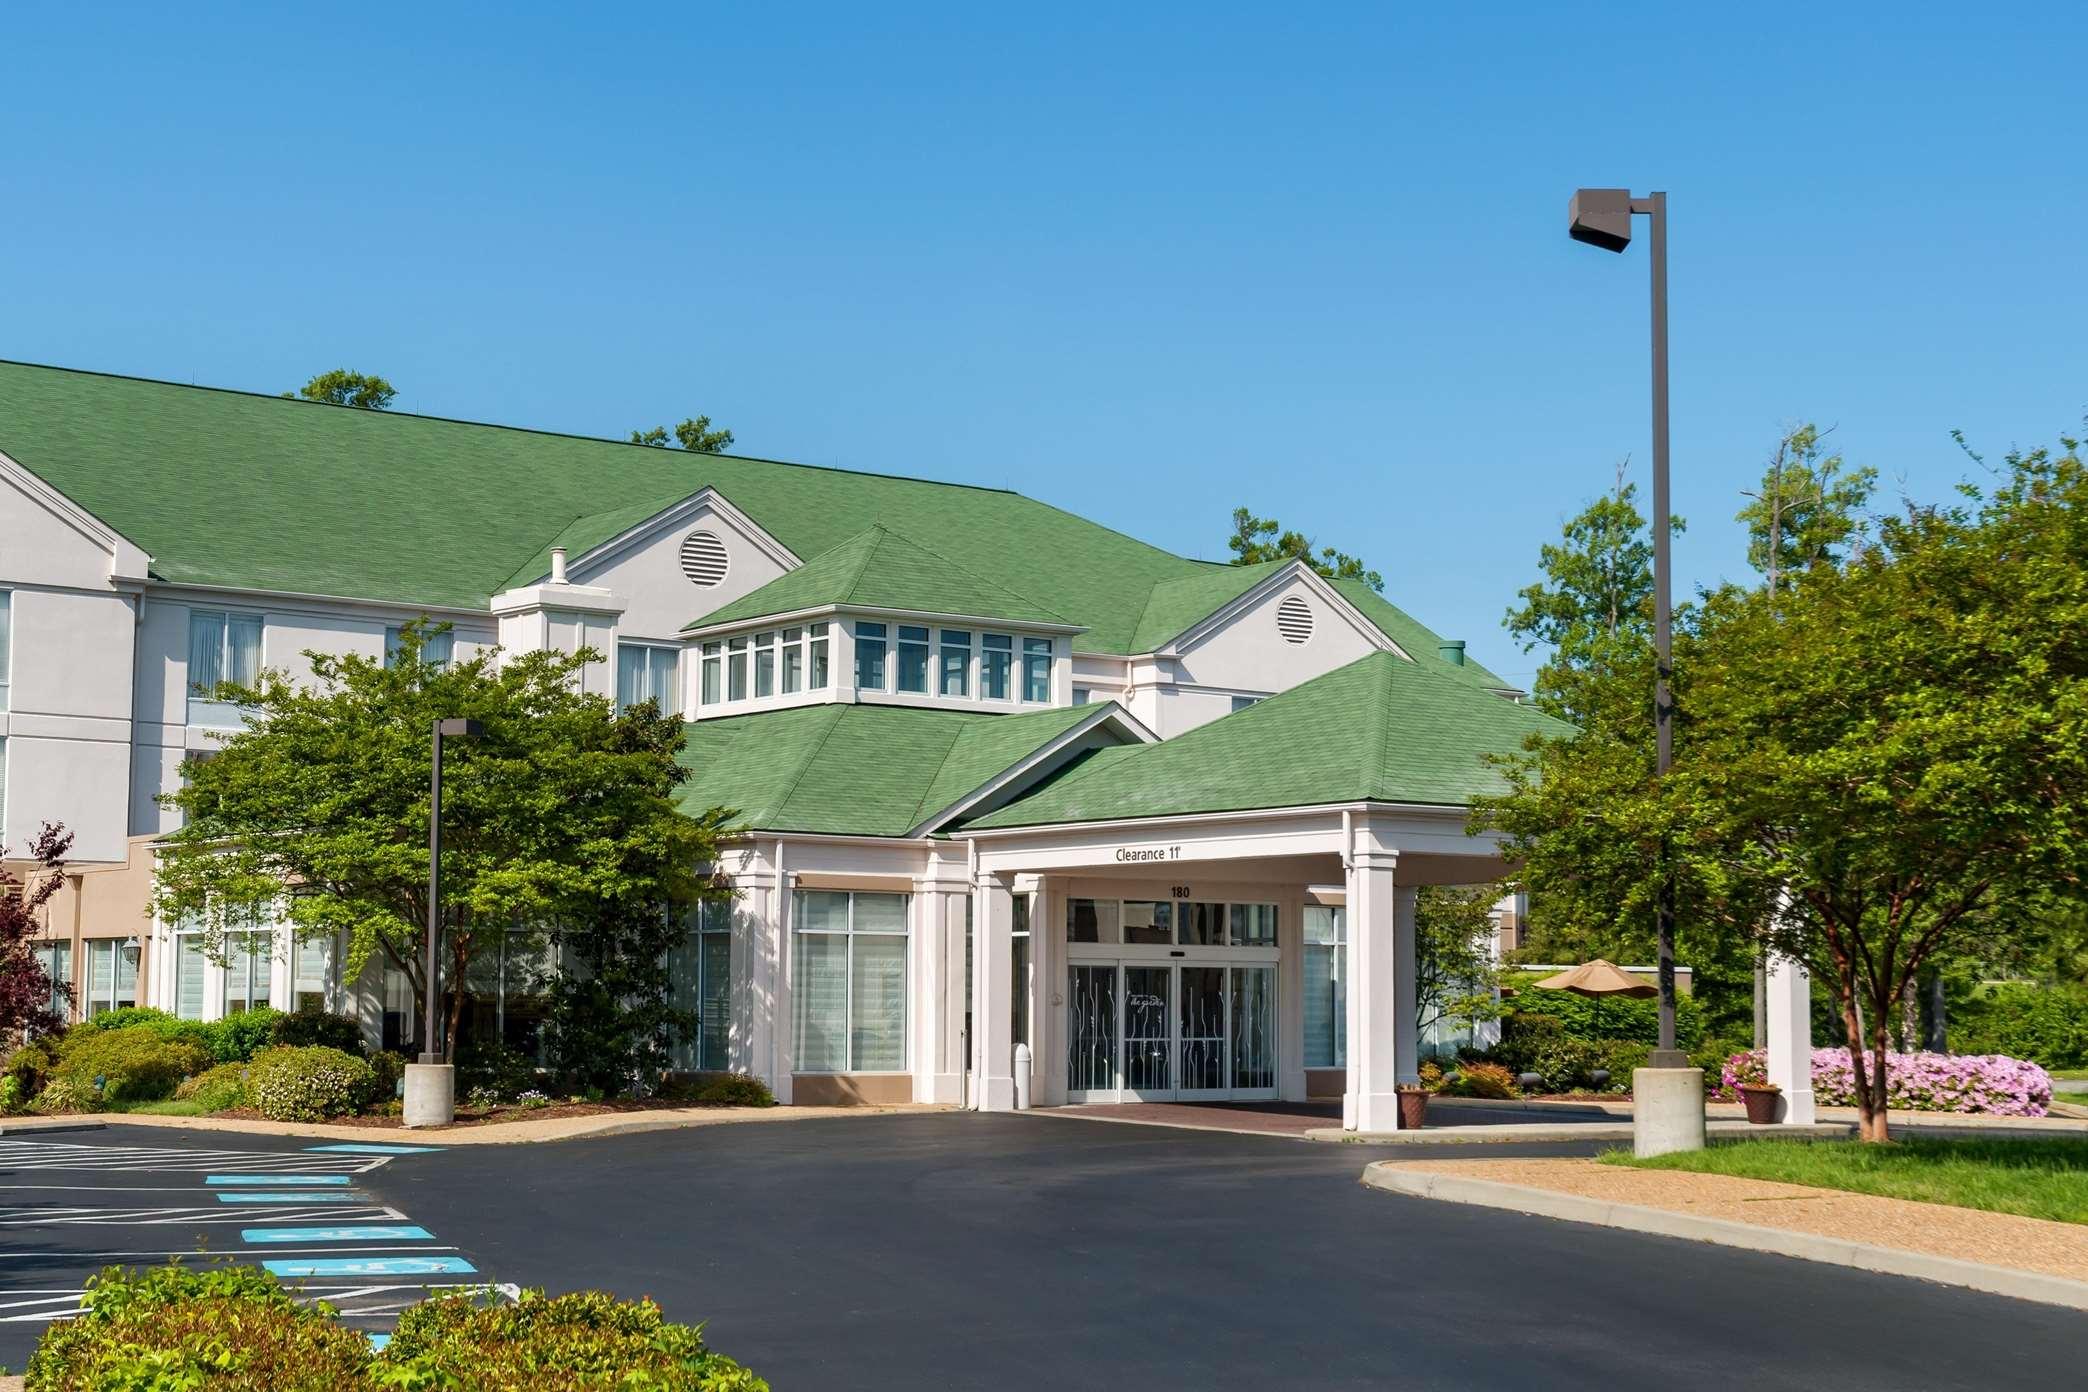 Hilton Garden Inn Newport News image 6